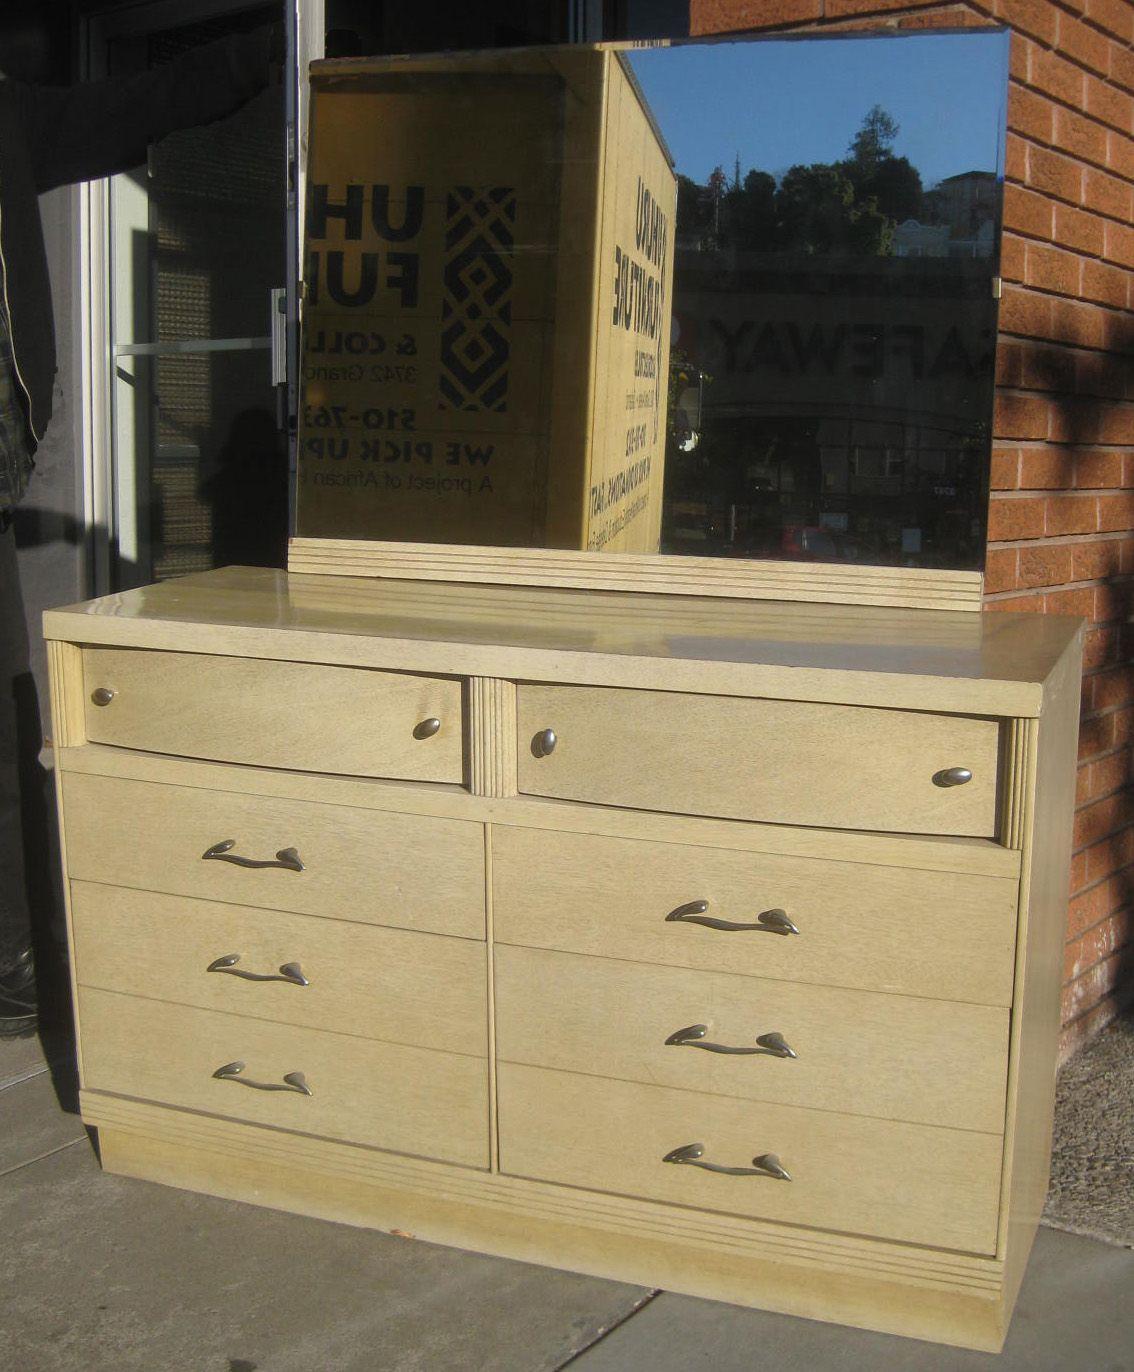 Sold 1950s Dresser With Mirror 60 Dresser With Mirror Mid Century Modern Furniture Dresser